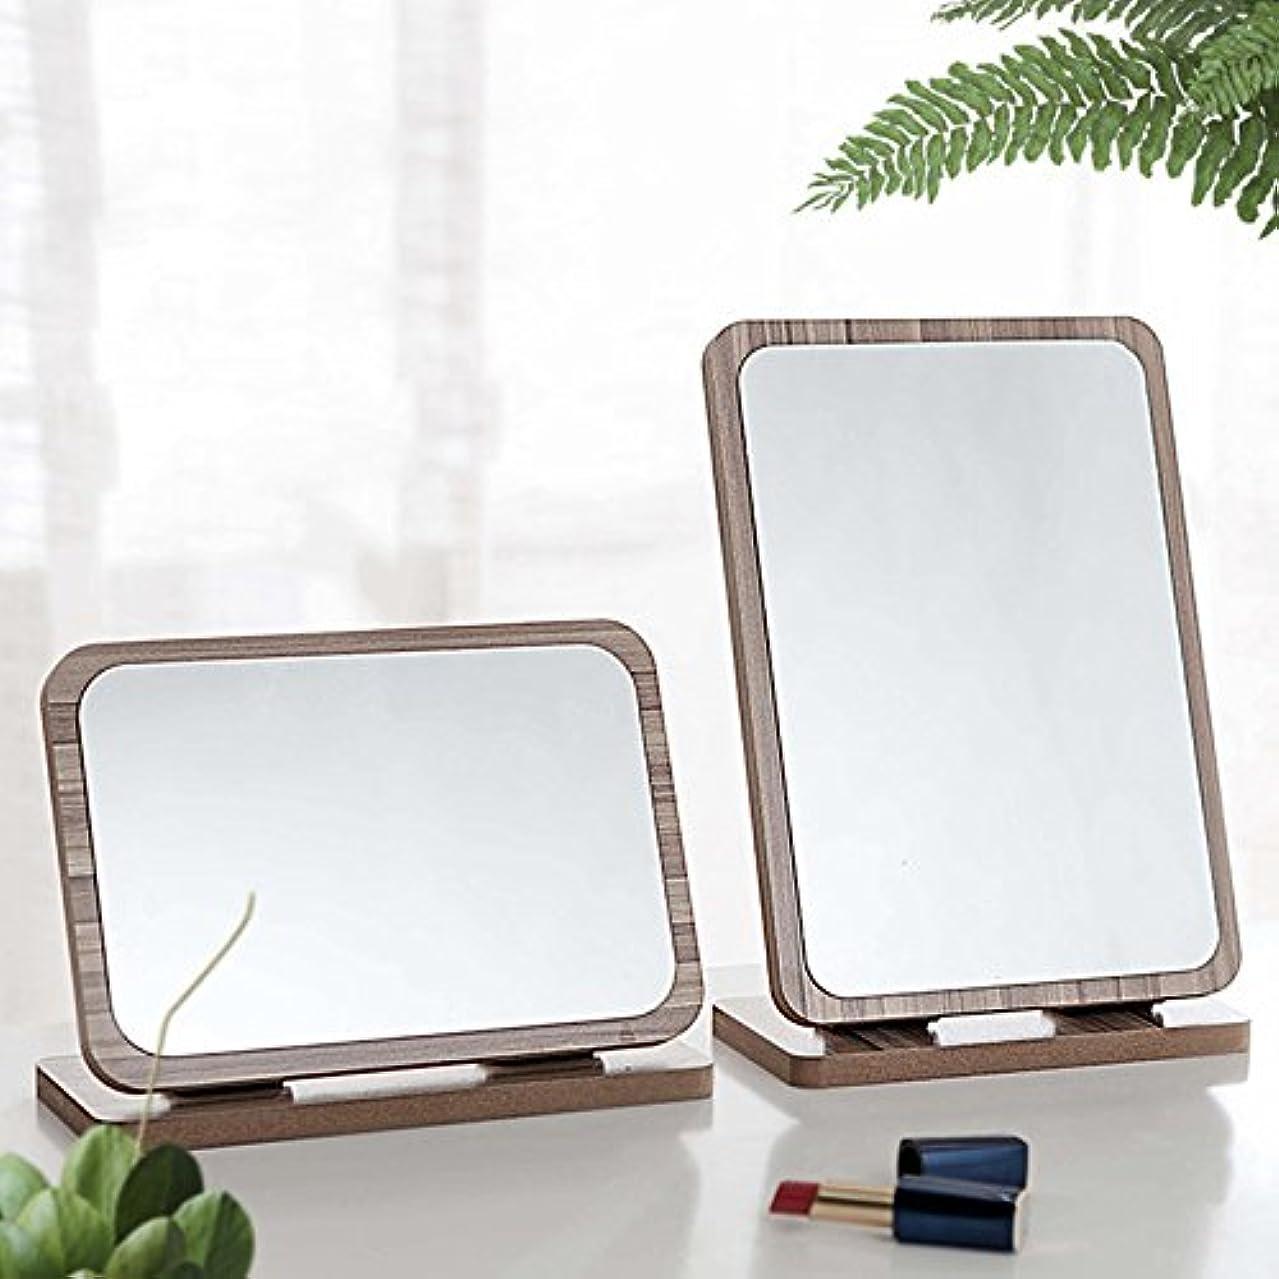 感染するレーダー高潔なYZUEYT デスクトップ木製の化粧鏡3倍拡大180度回転ポータブルバニティバスルームメイクツール YZUEYT (Color : NO. 10#)